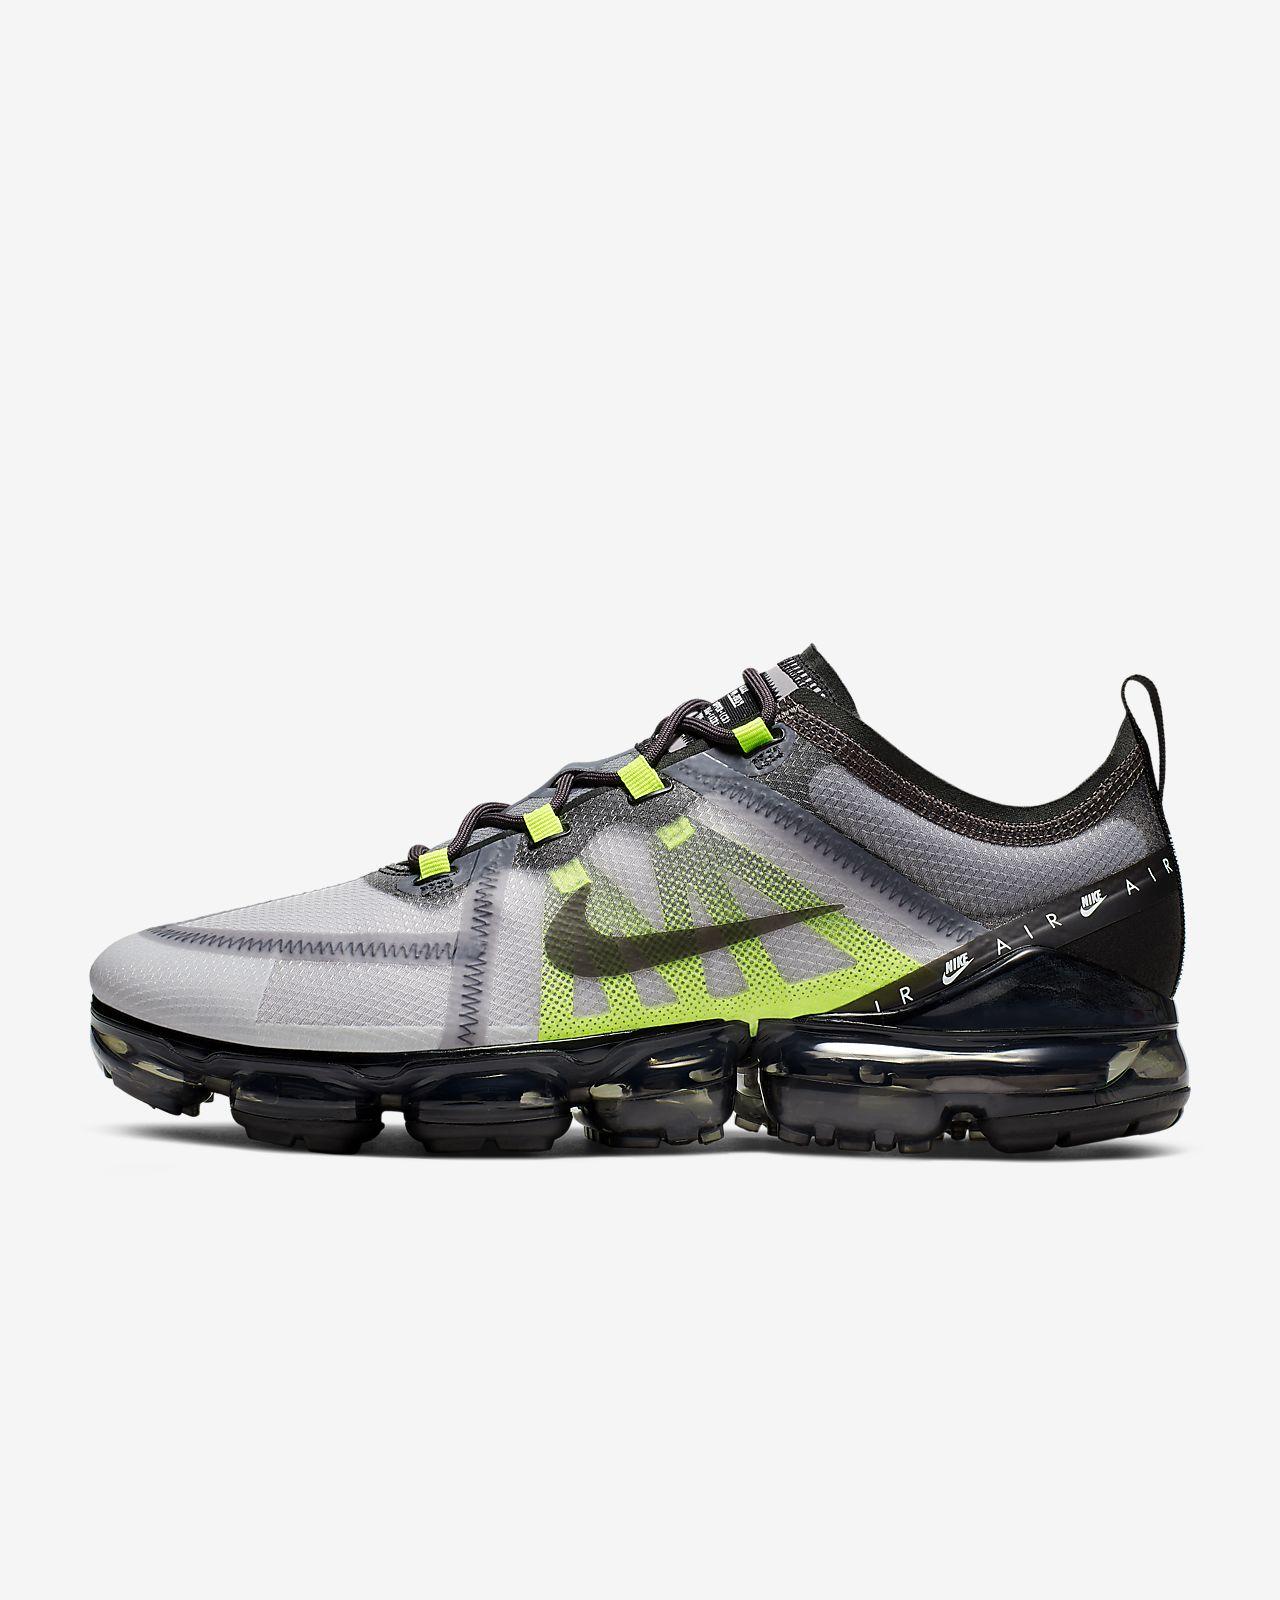 รองเท้าผู้ชาย Nike Air VaporMax LX